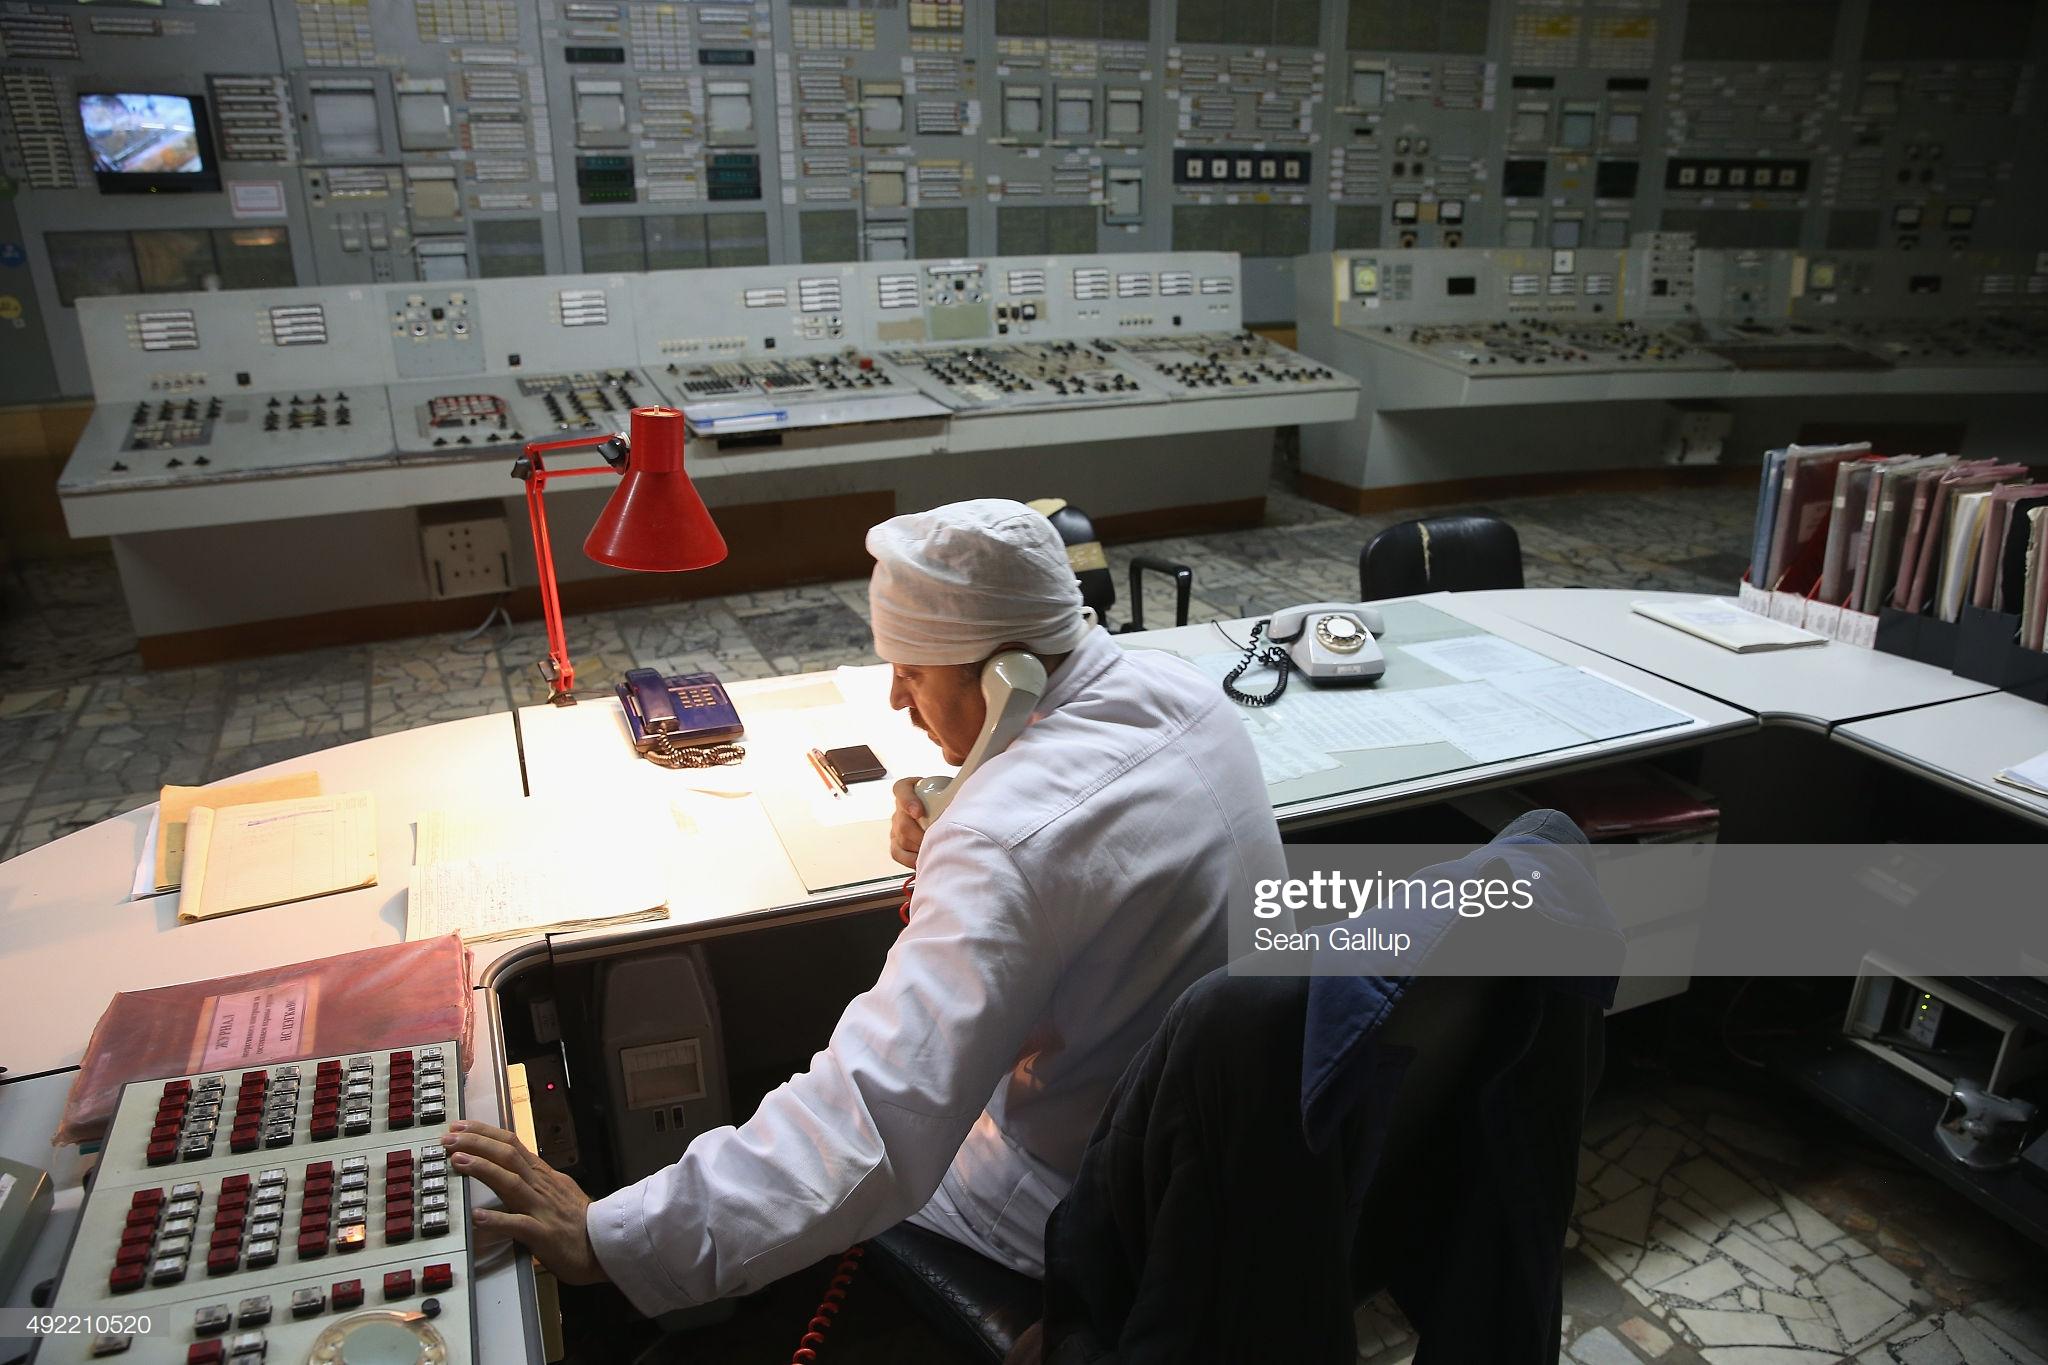 Chernobyl, Nearly 30 Years Since Catastrophe : Fotografía de noticias